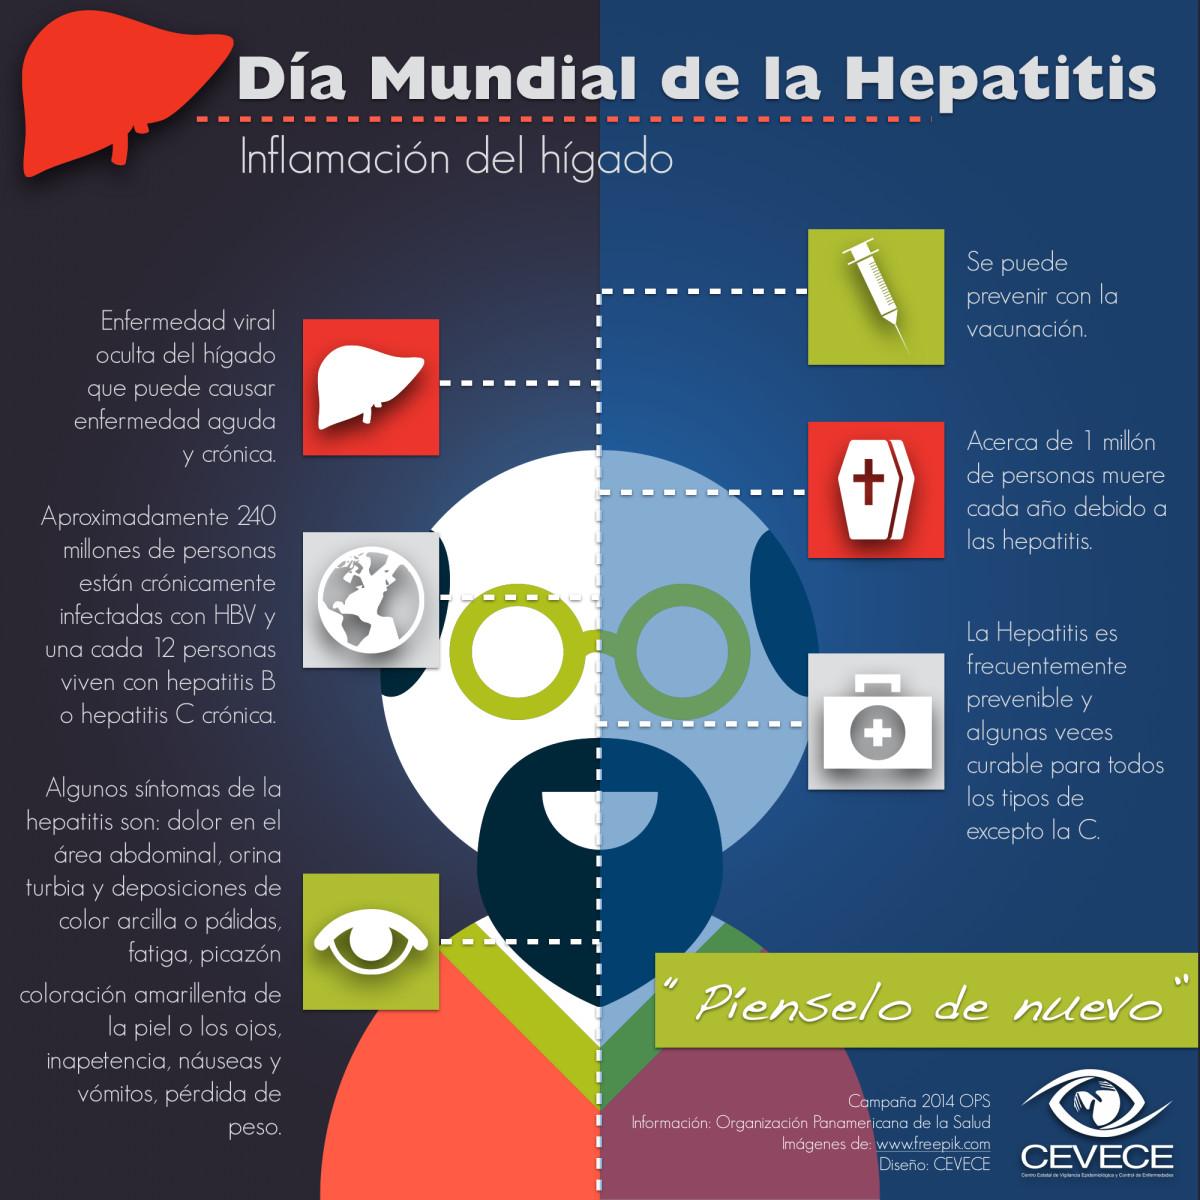 hepatitis-dc3ada-mundial-001